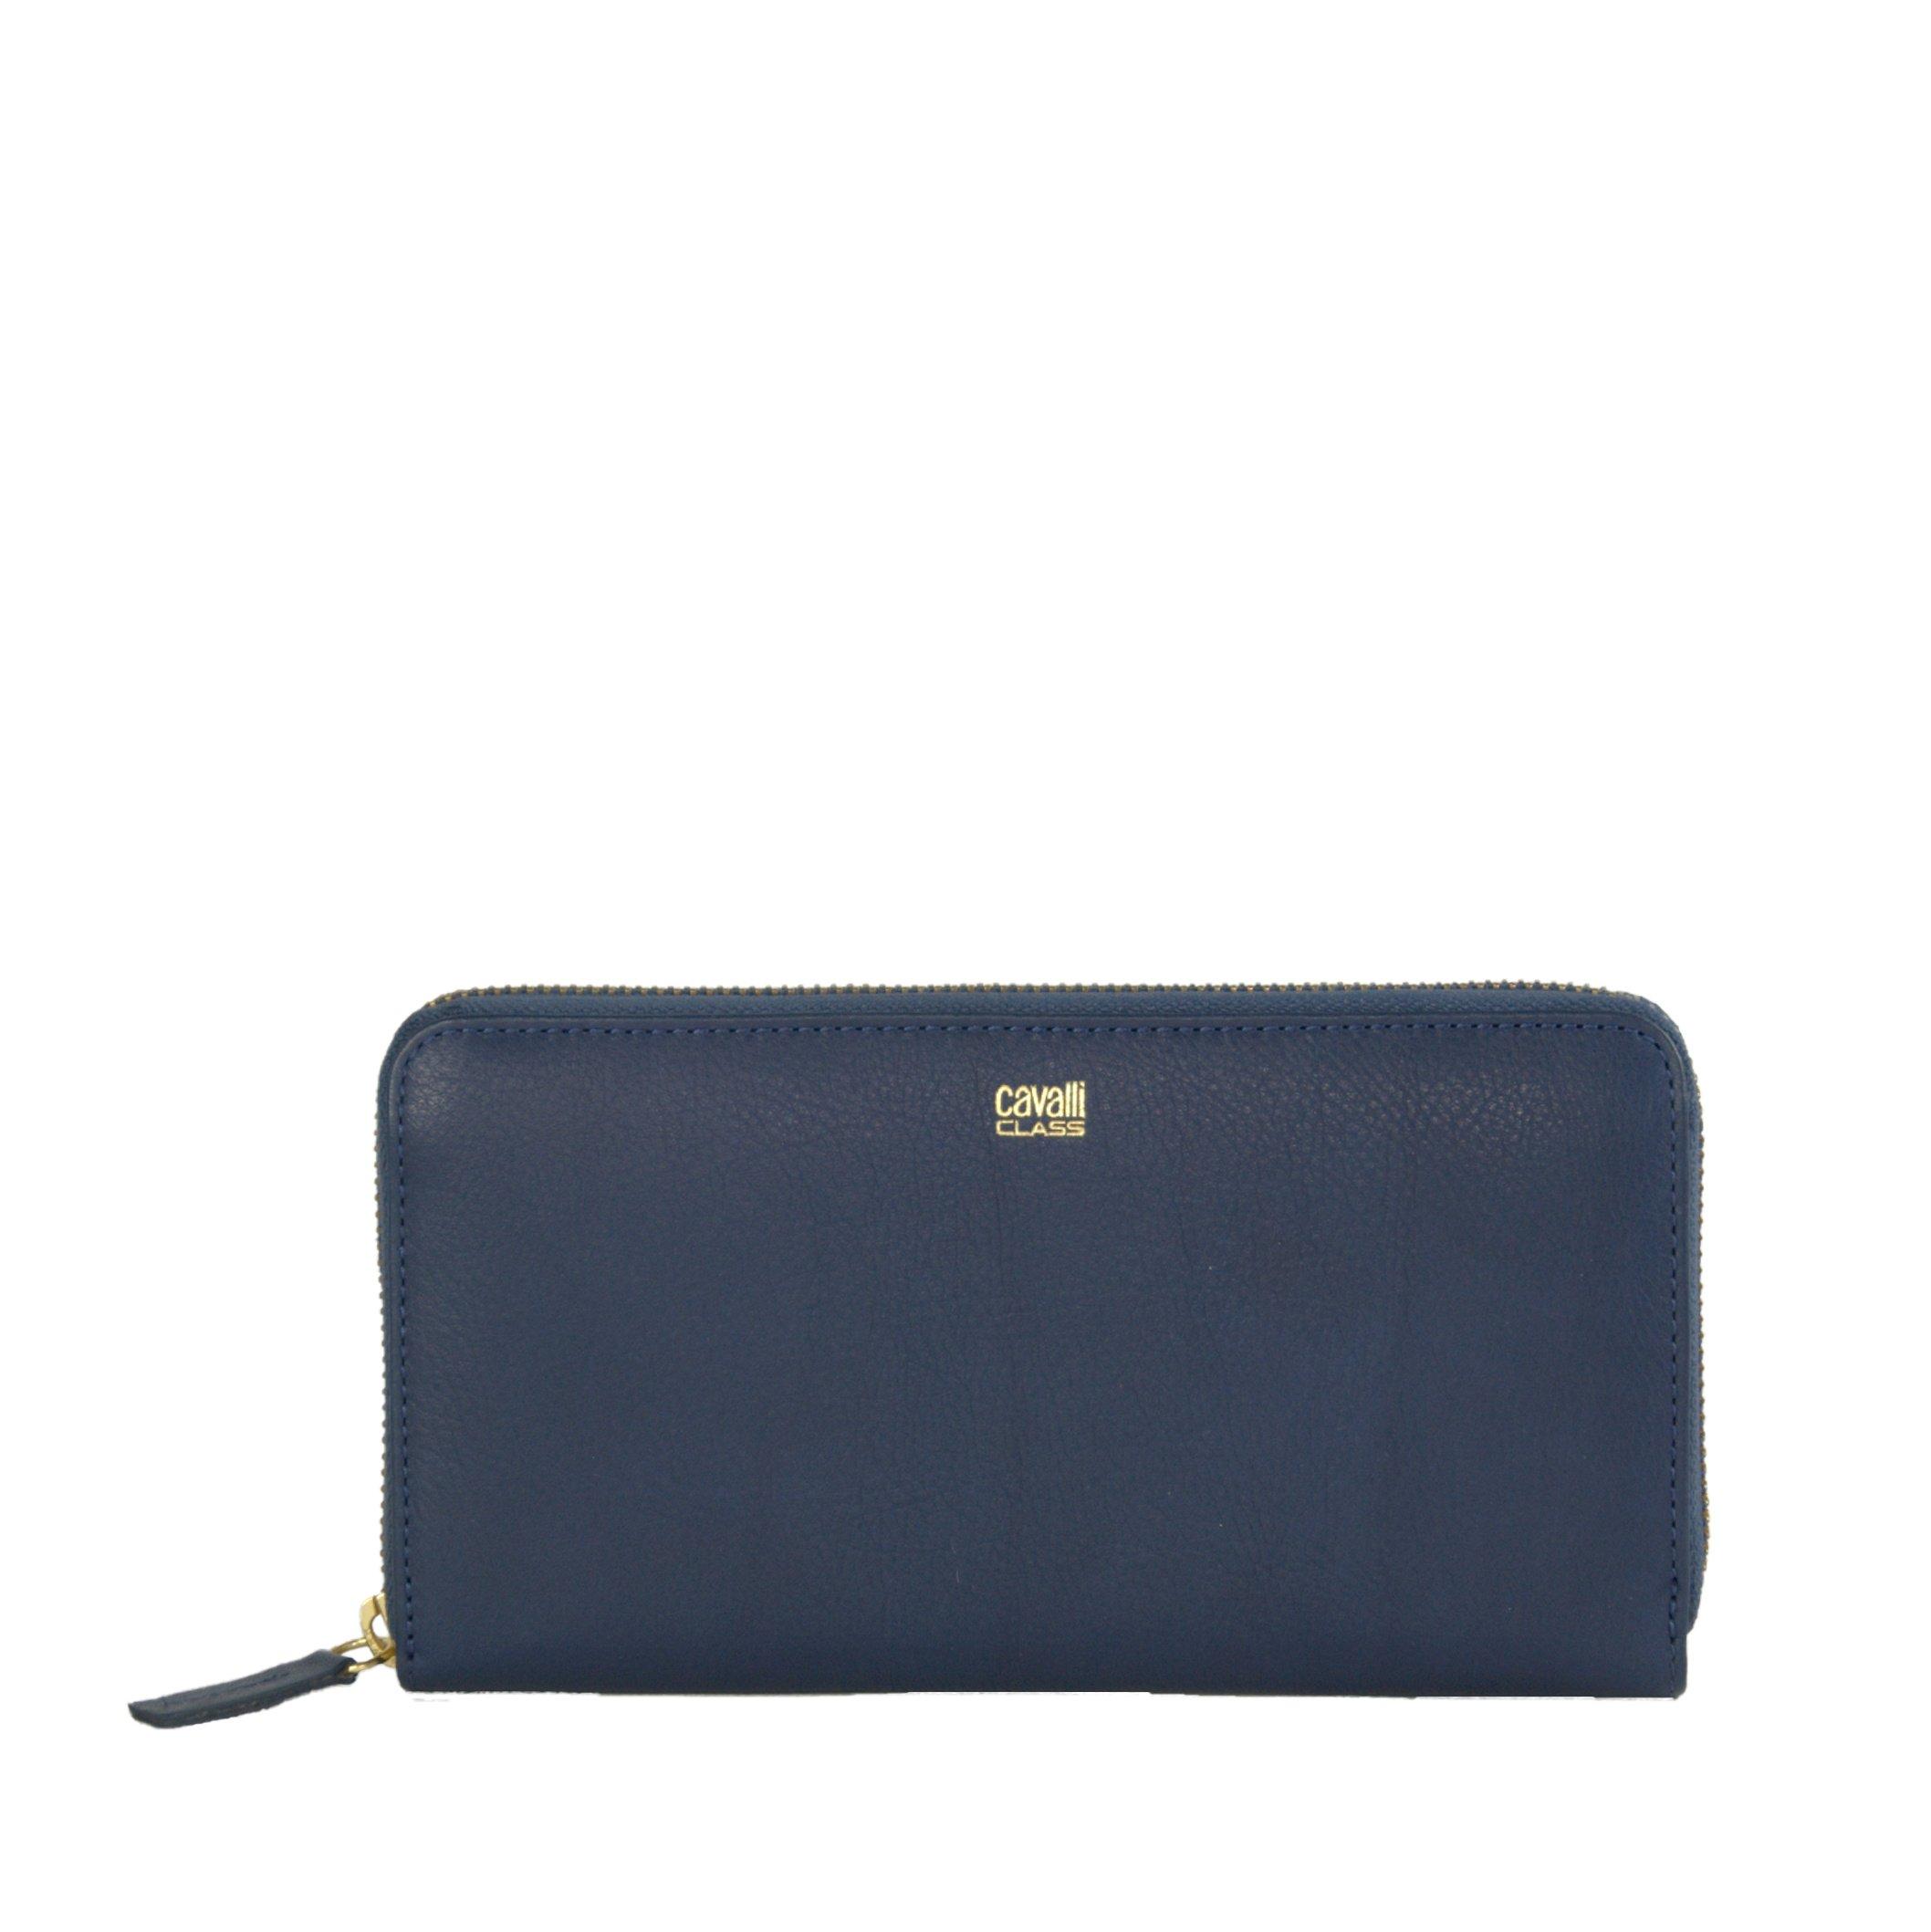 Cavalli Class Women's Wallet Blue CA1432610